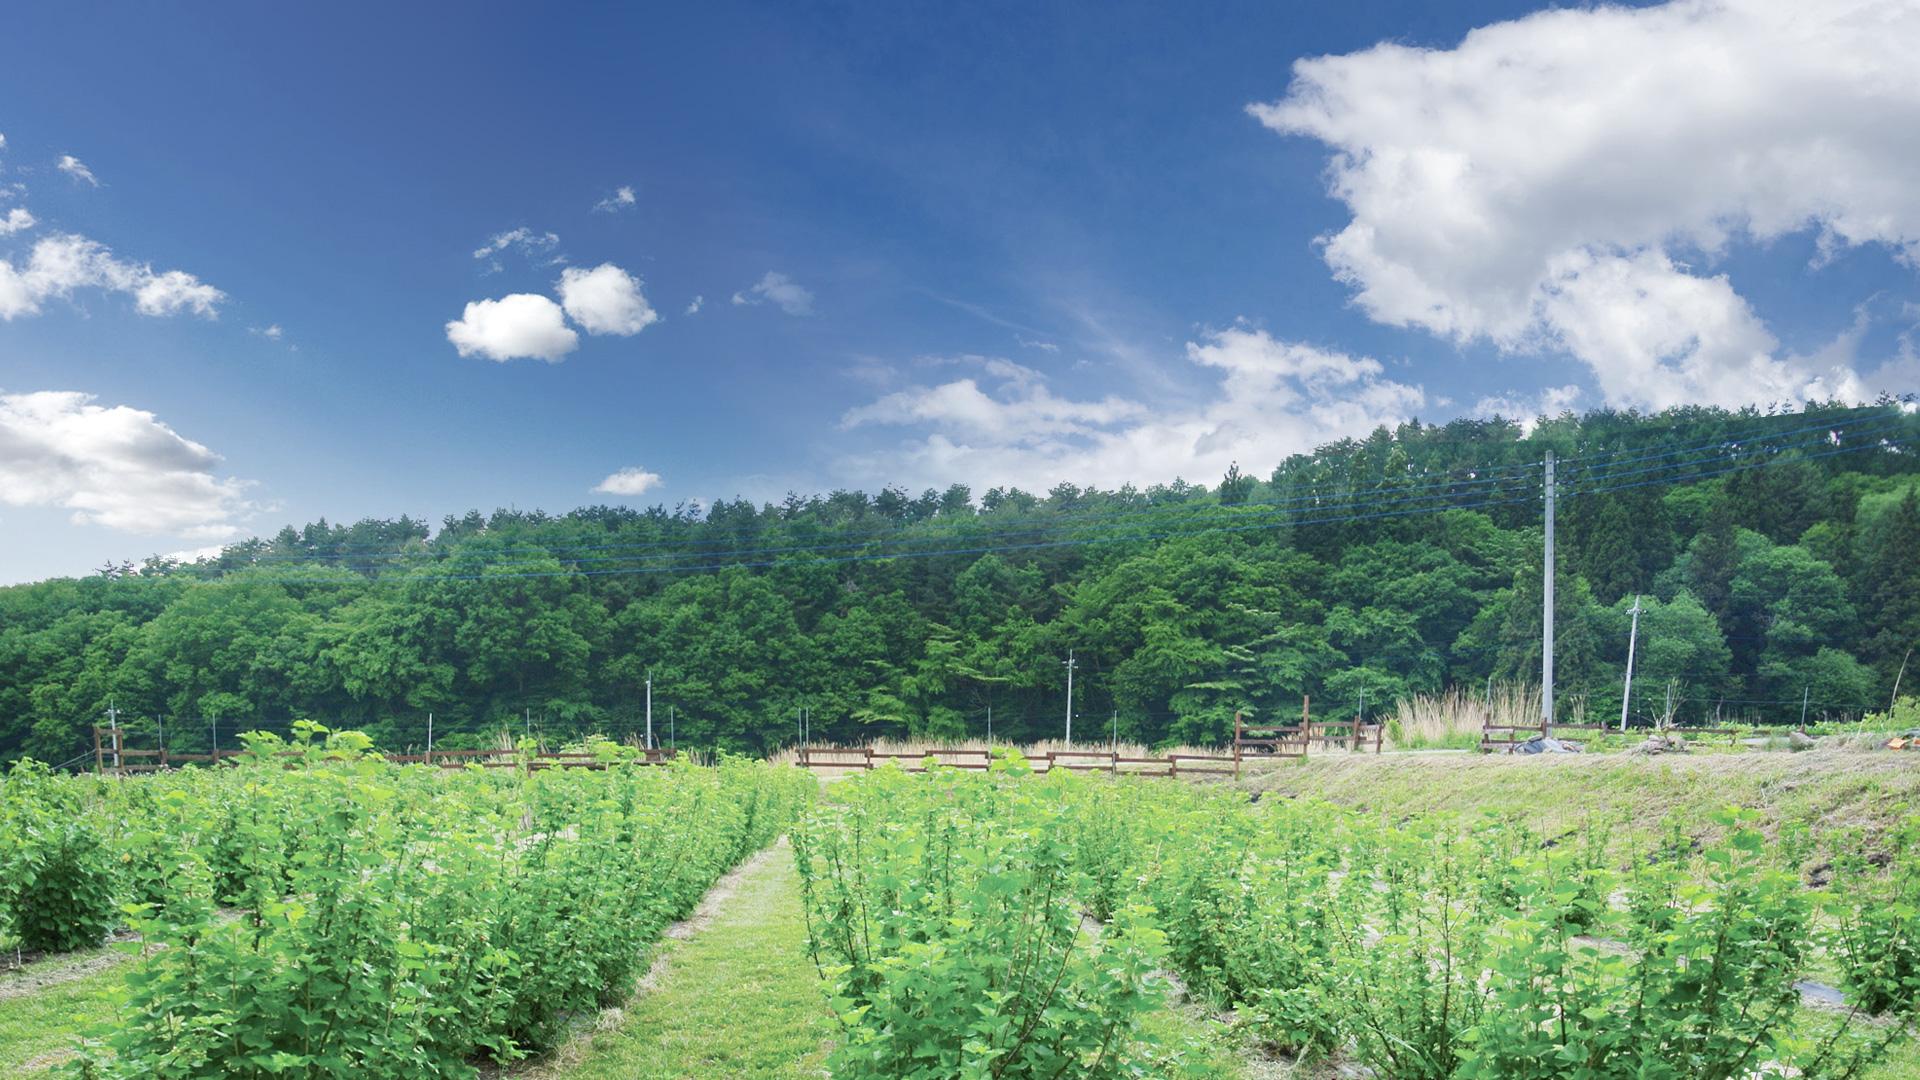 八ヶ岳高原の大地に広がる清里ジャムの自社農園